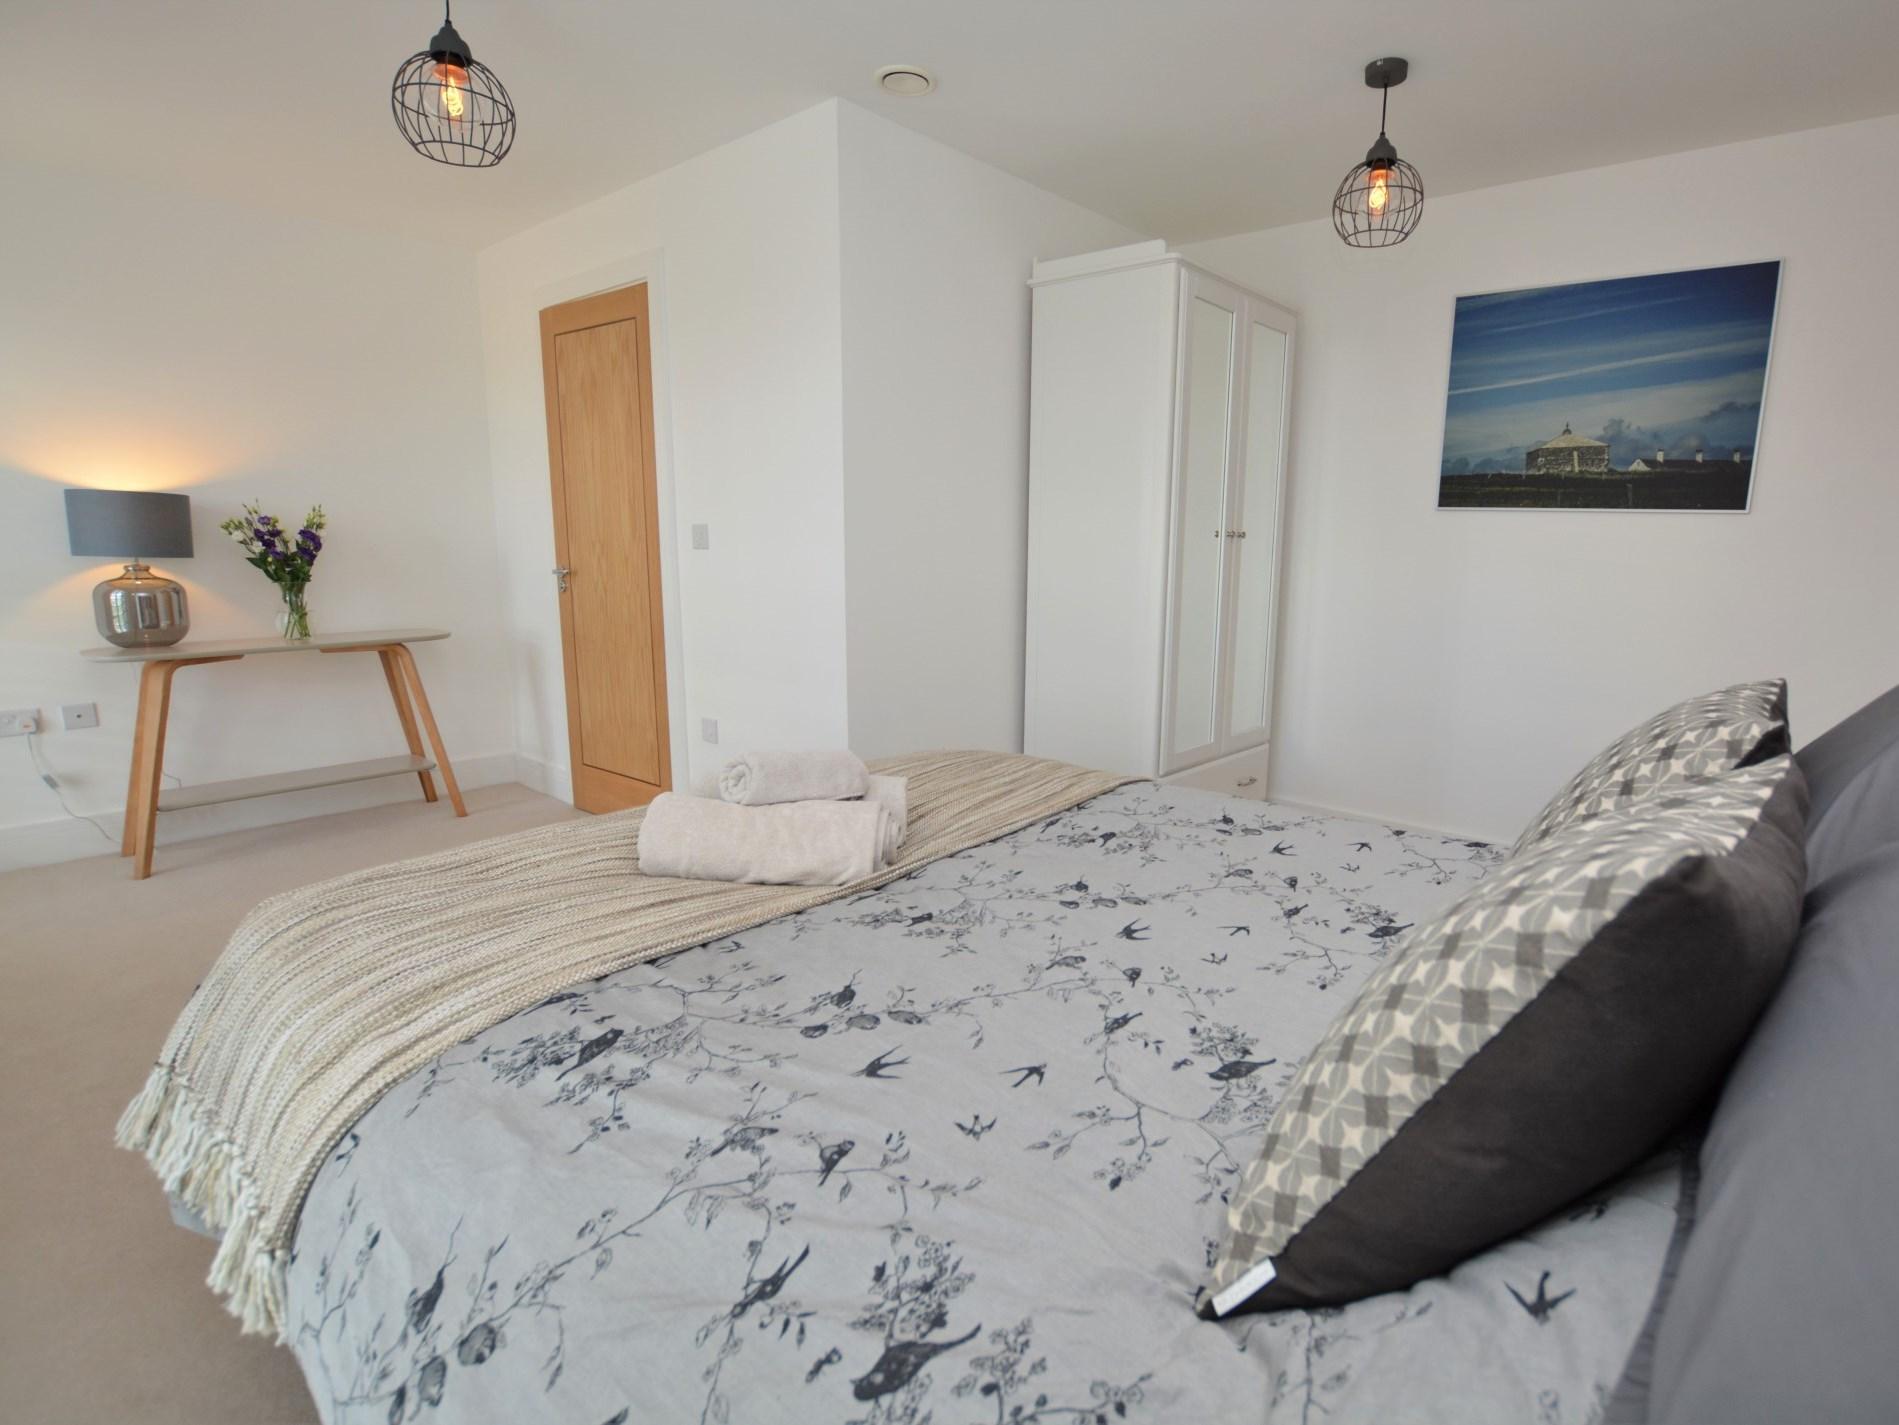 King-size bedroom with en-suite